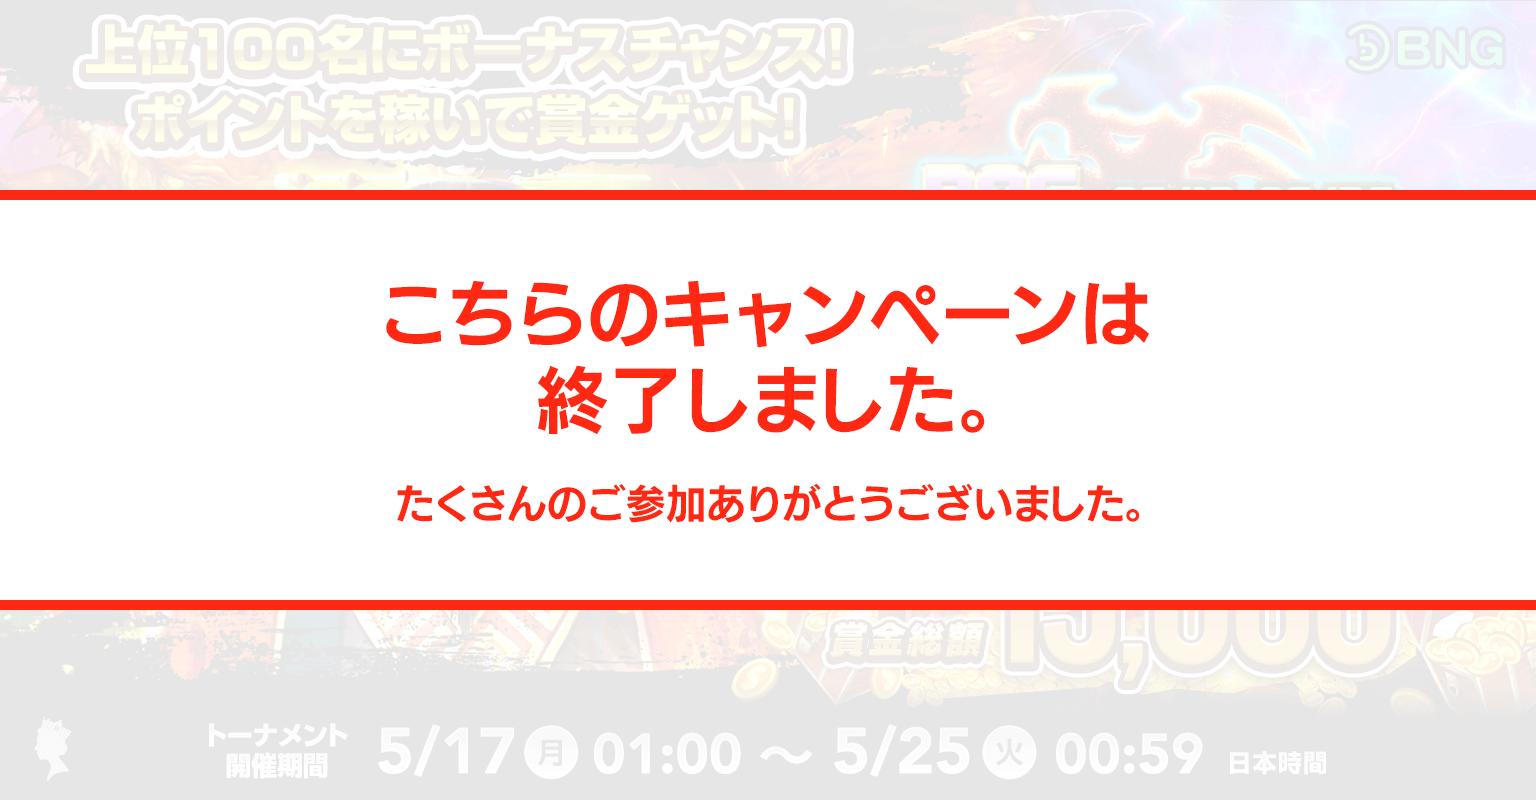 BNG D&P Race : スペシャル・ボーナス・パーティー